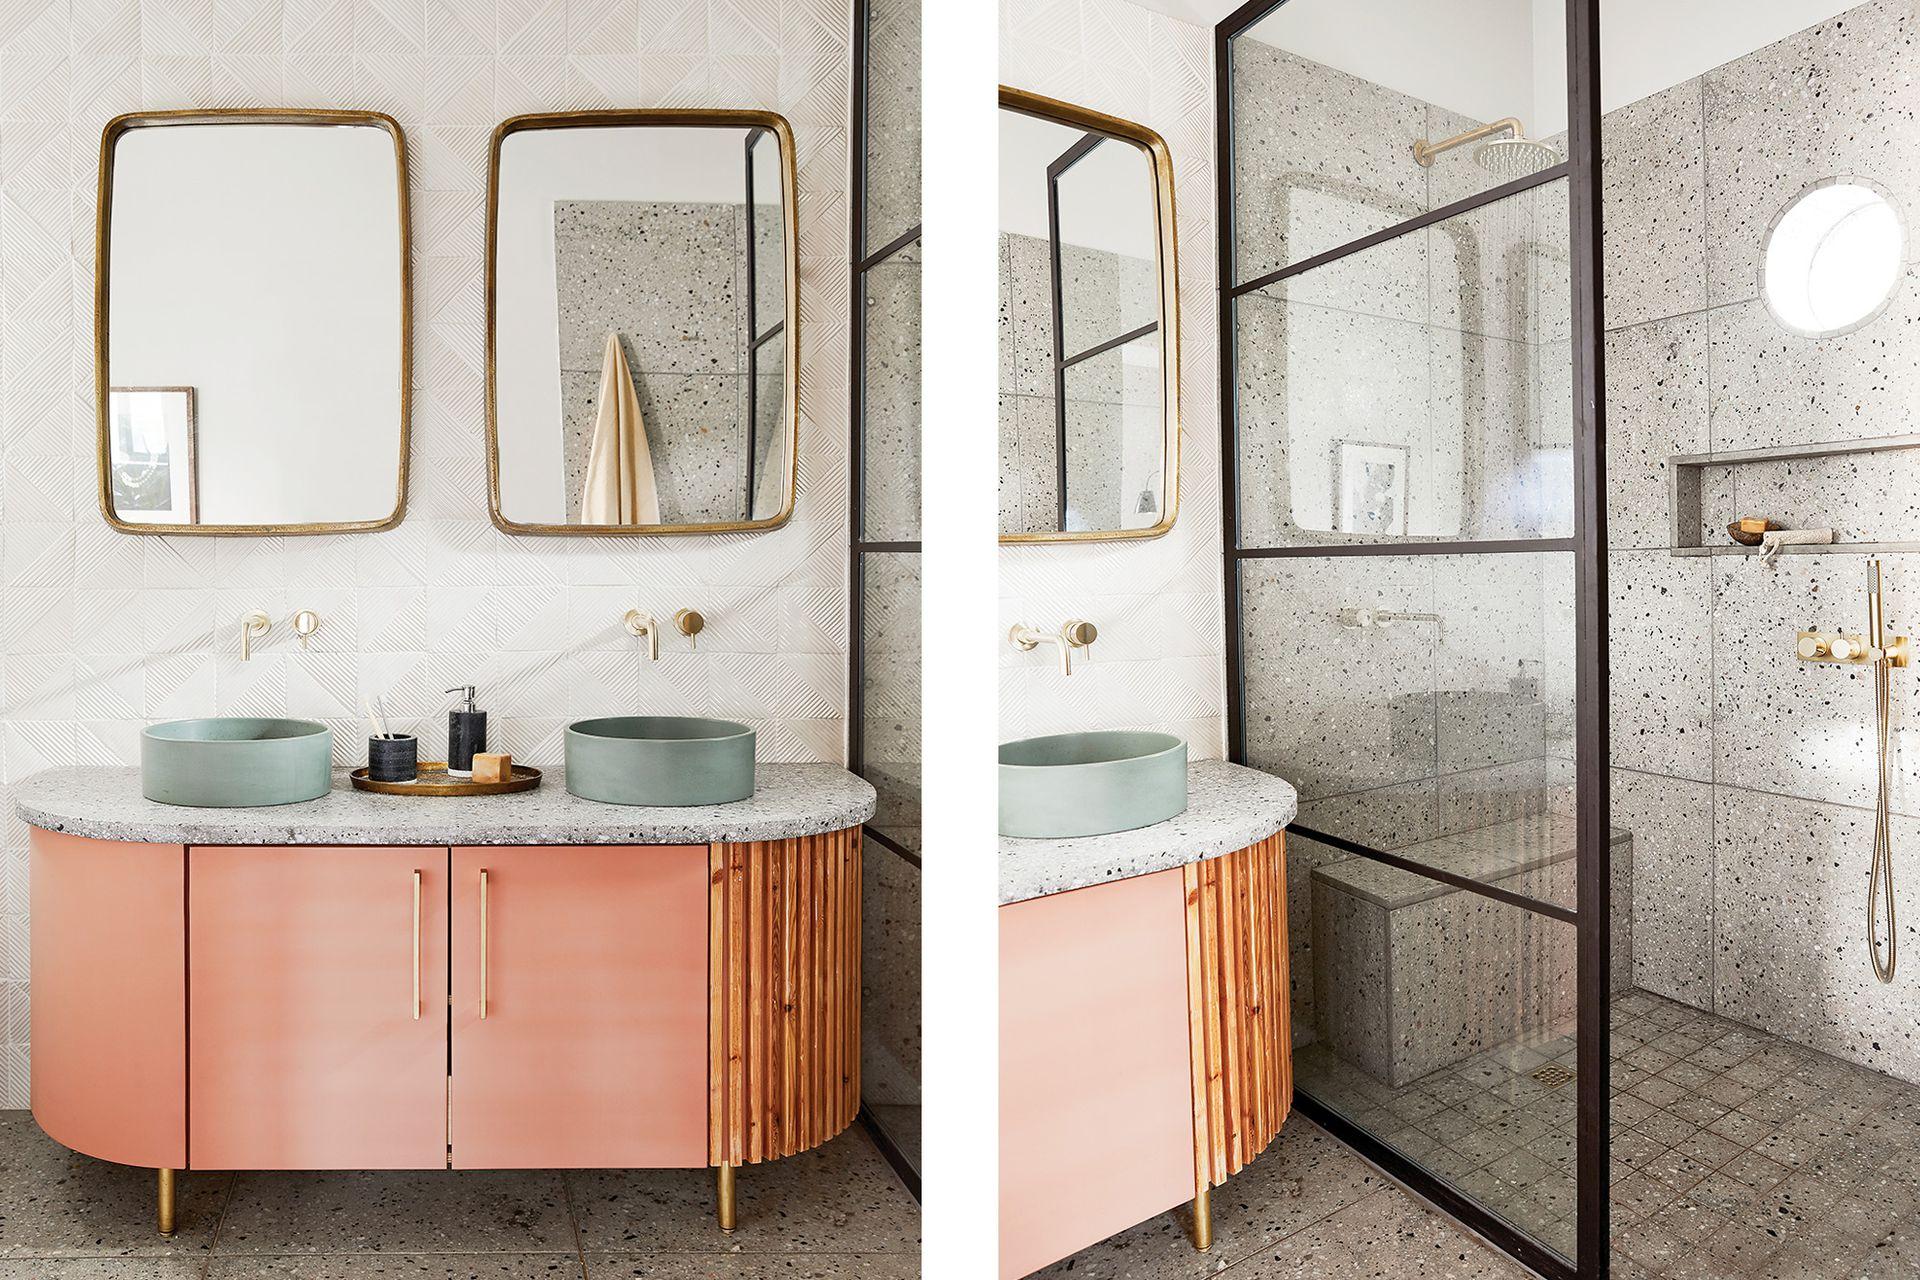 En el baño se combinaron azulejos blancos artesanales (Akashic Tiles) con baldosas de granito que revisten el piso, el box de ducha y también la mesada.